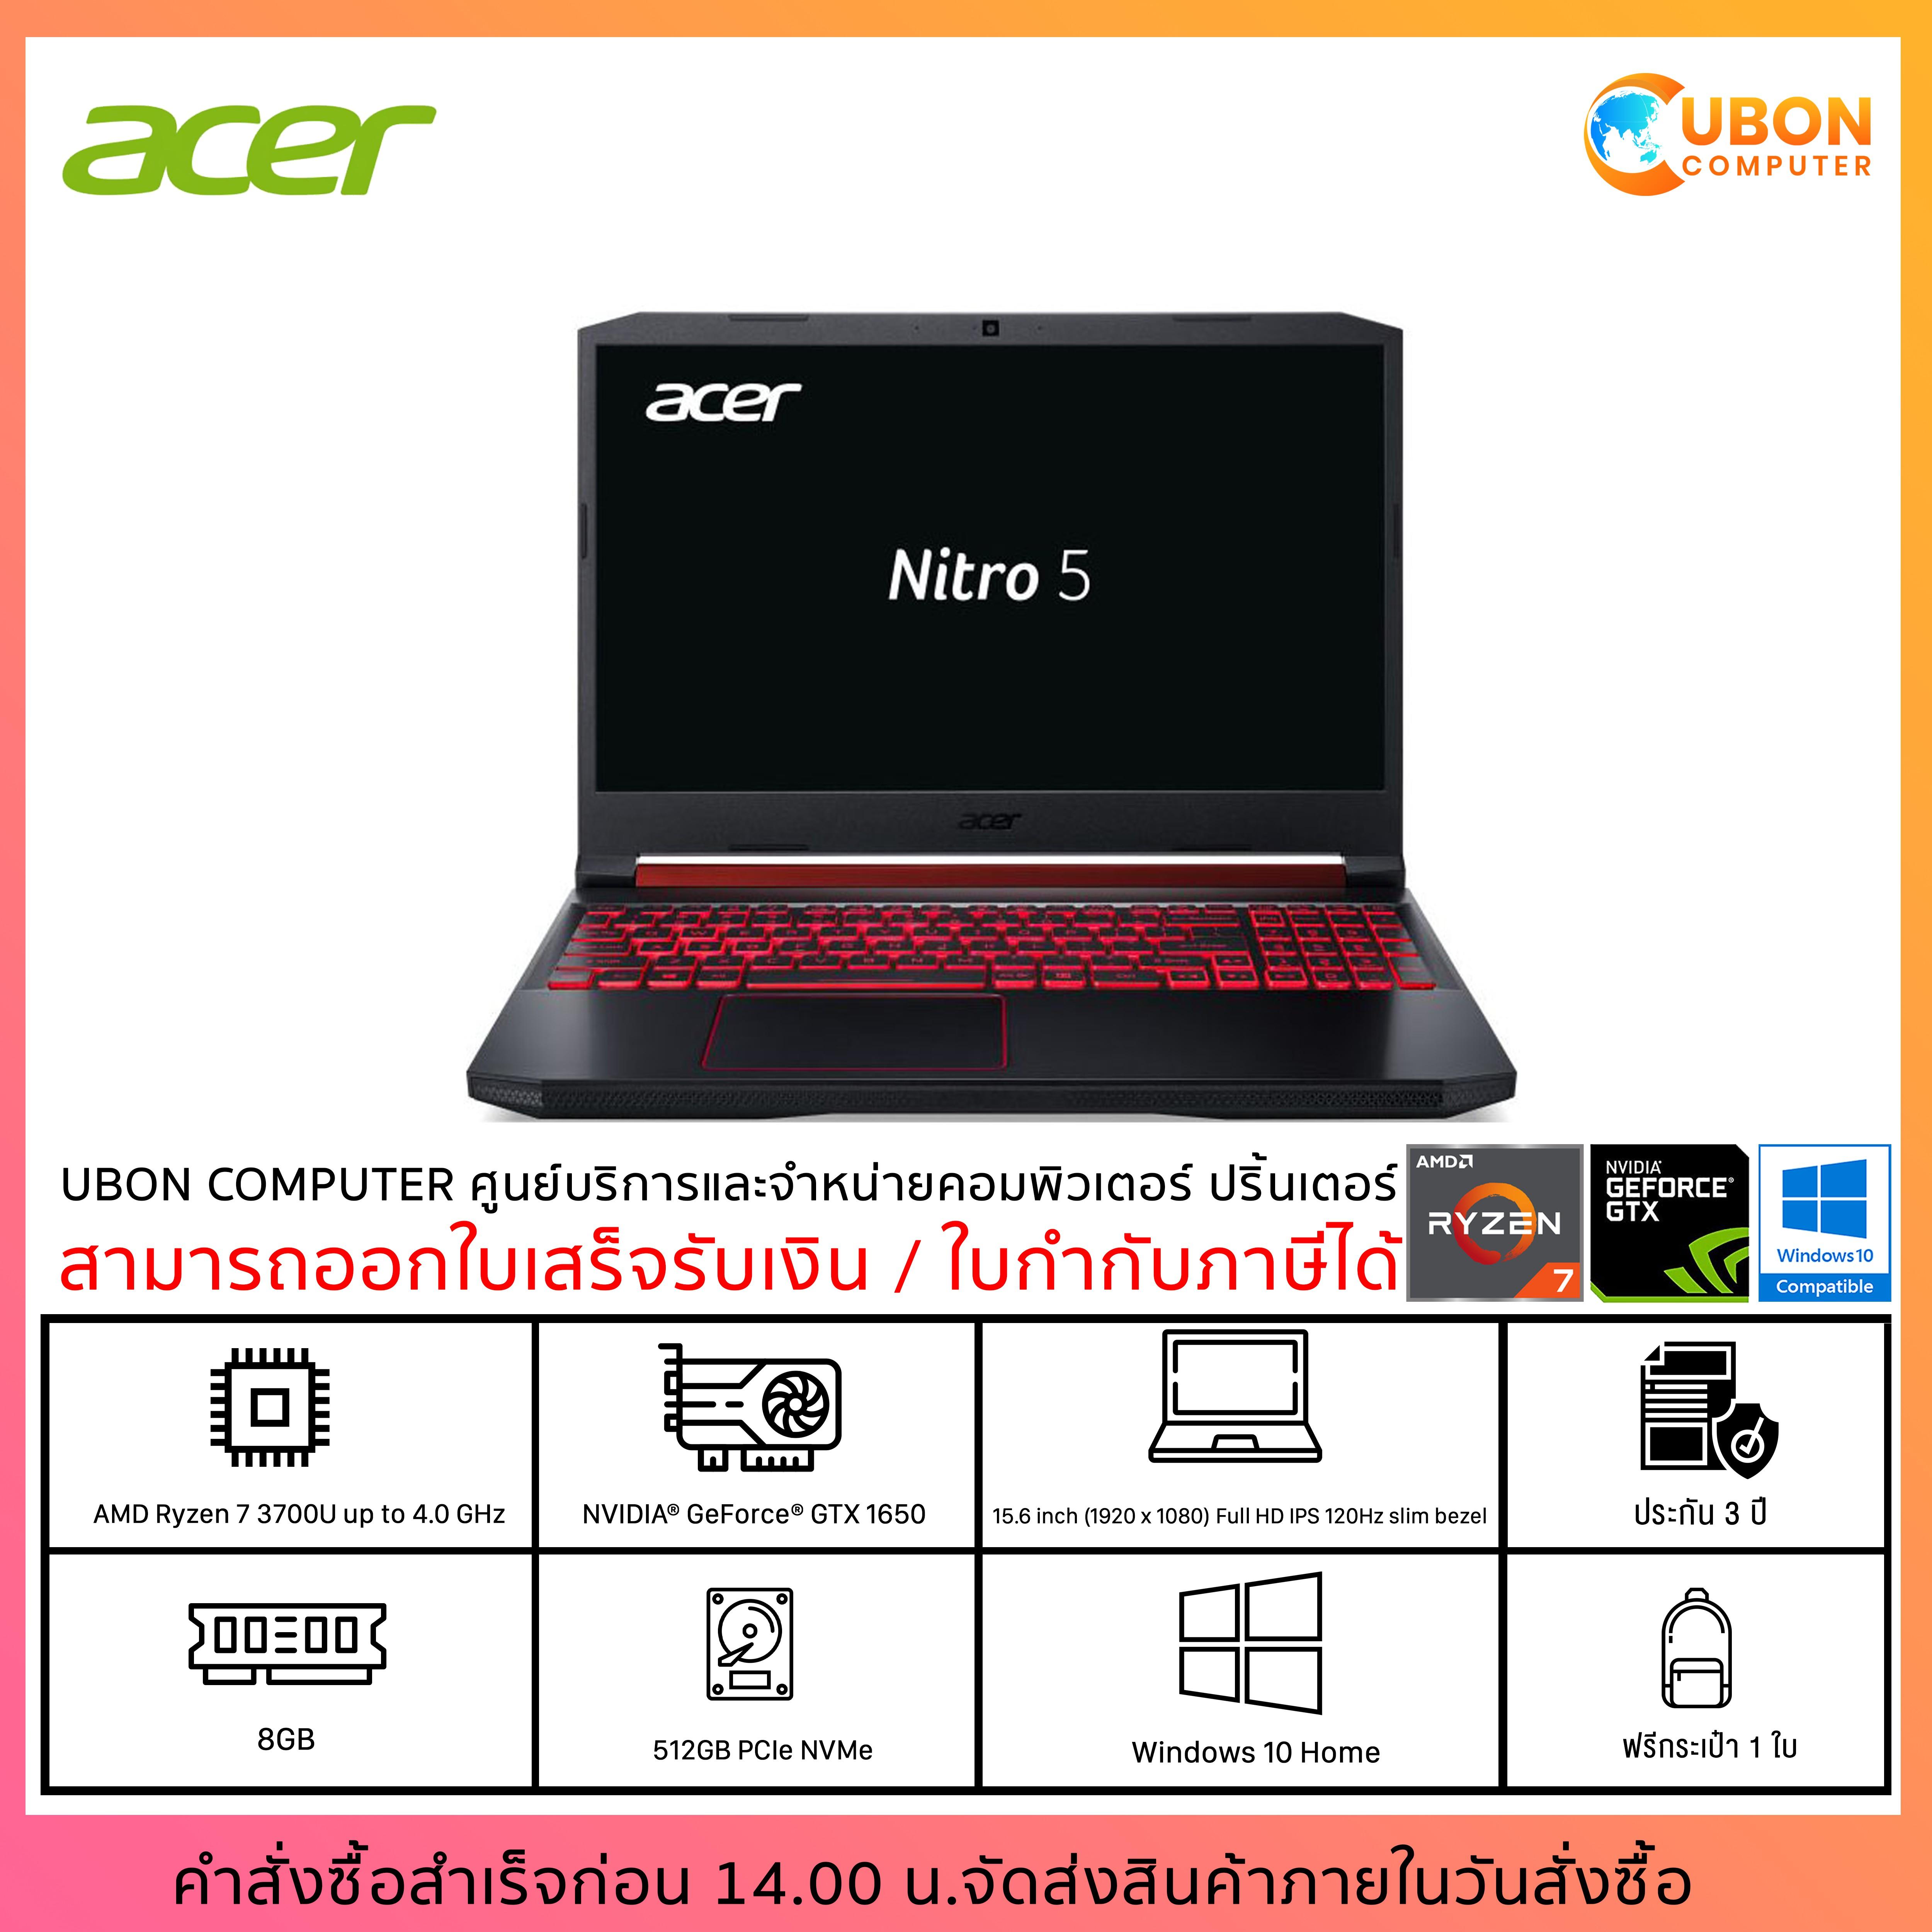 โน๊ตบุ๊ค Notebook Acer Nitro 5 An515-43-R0t3 15.6inch/ryzen7 3750h/8gb Ddr4/512gb Ssd/gtx 1650/win10/3y By Uboncomputer.